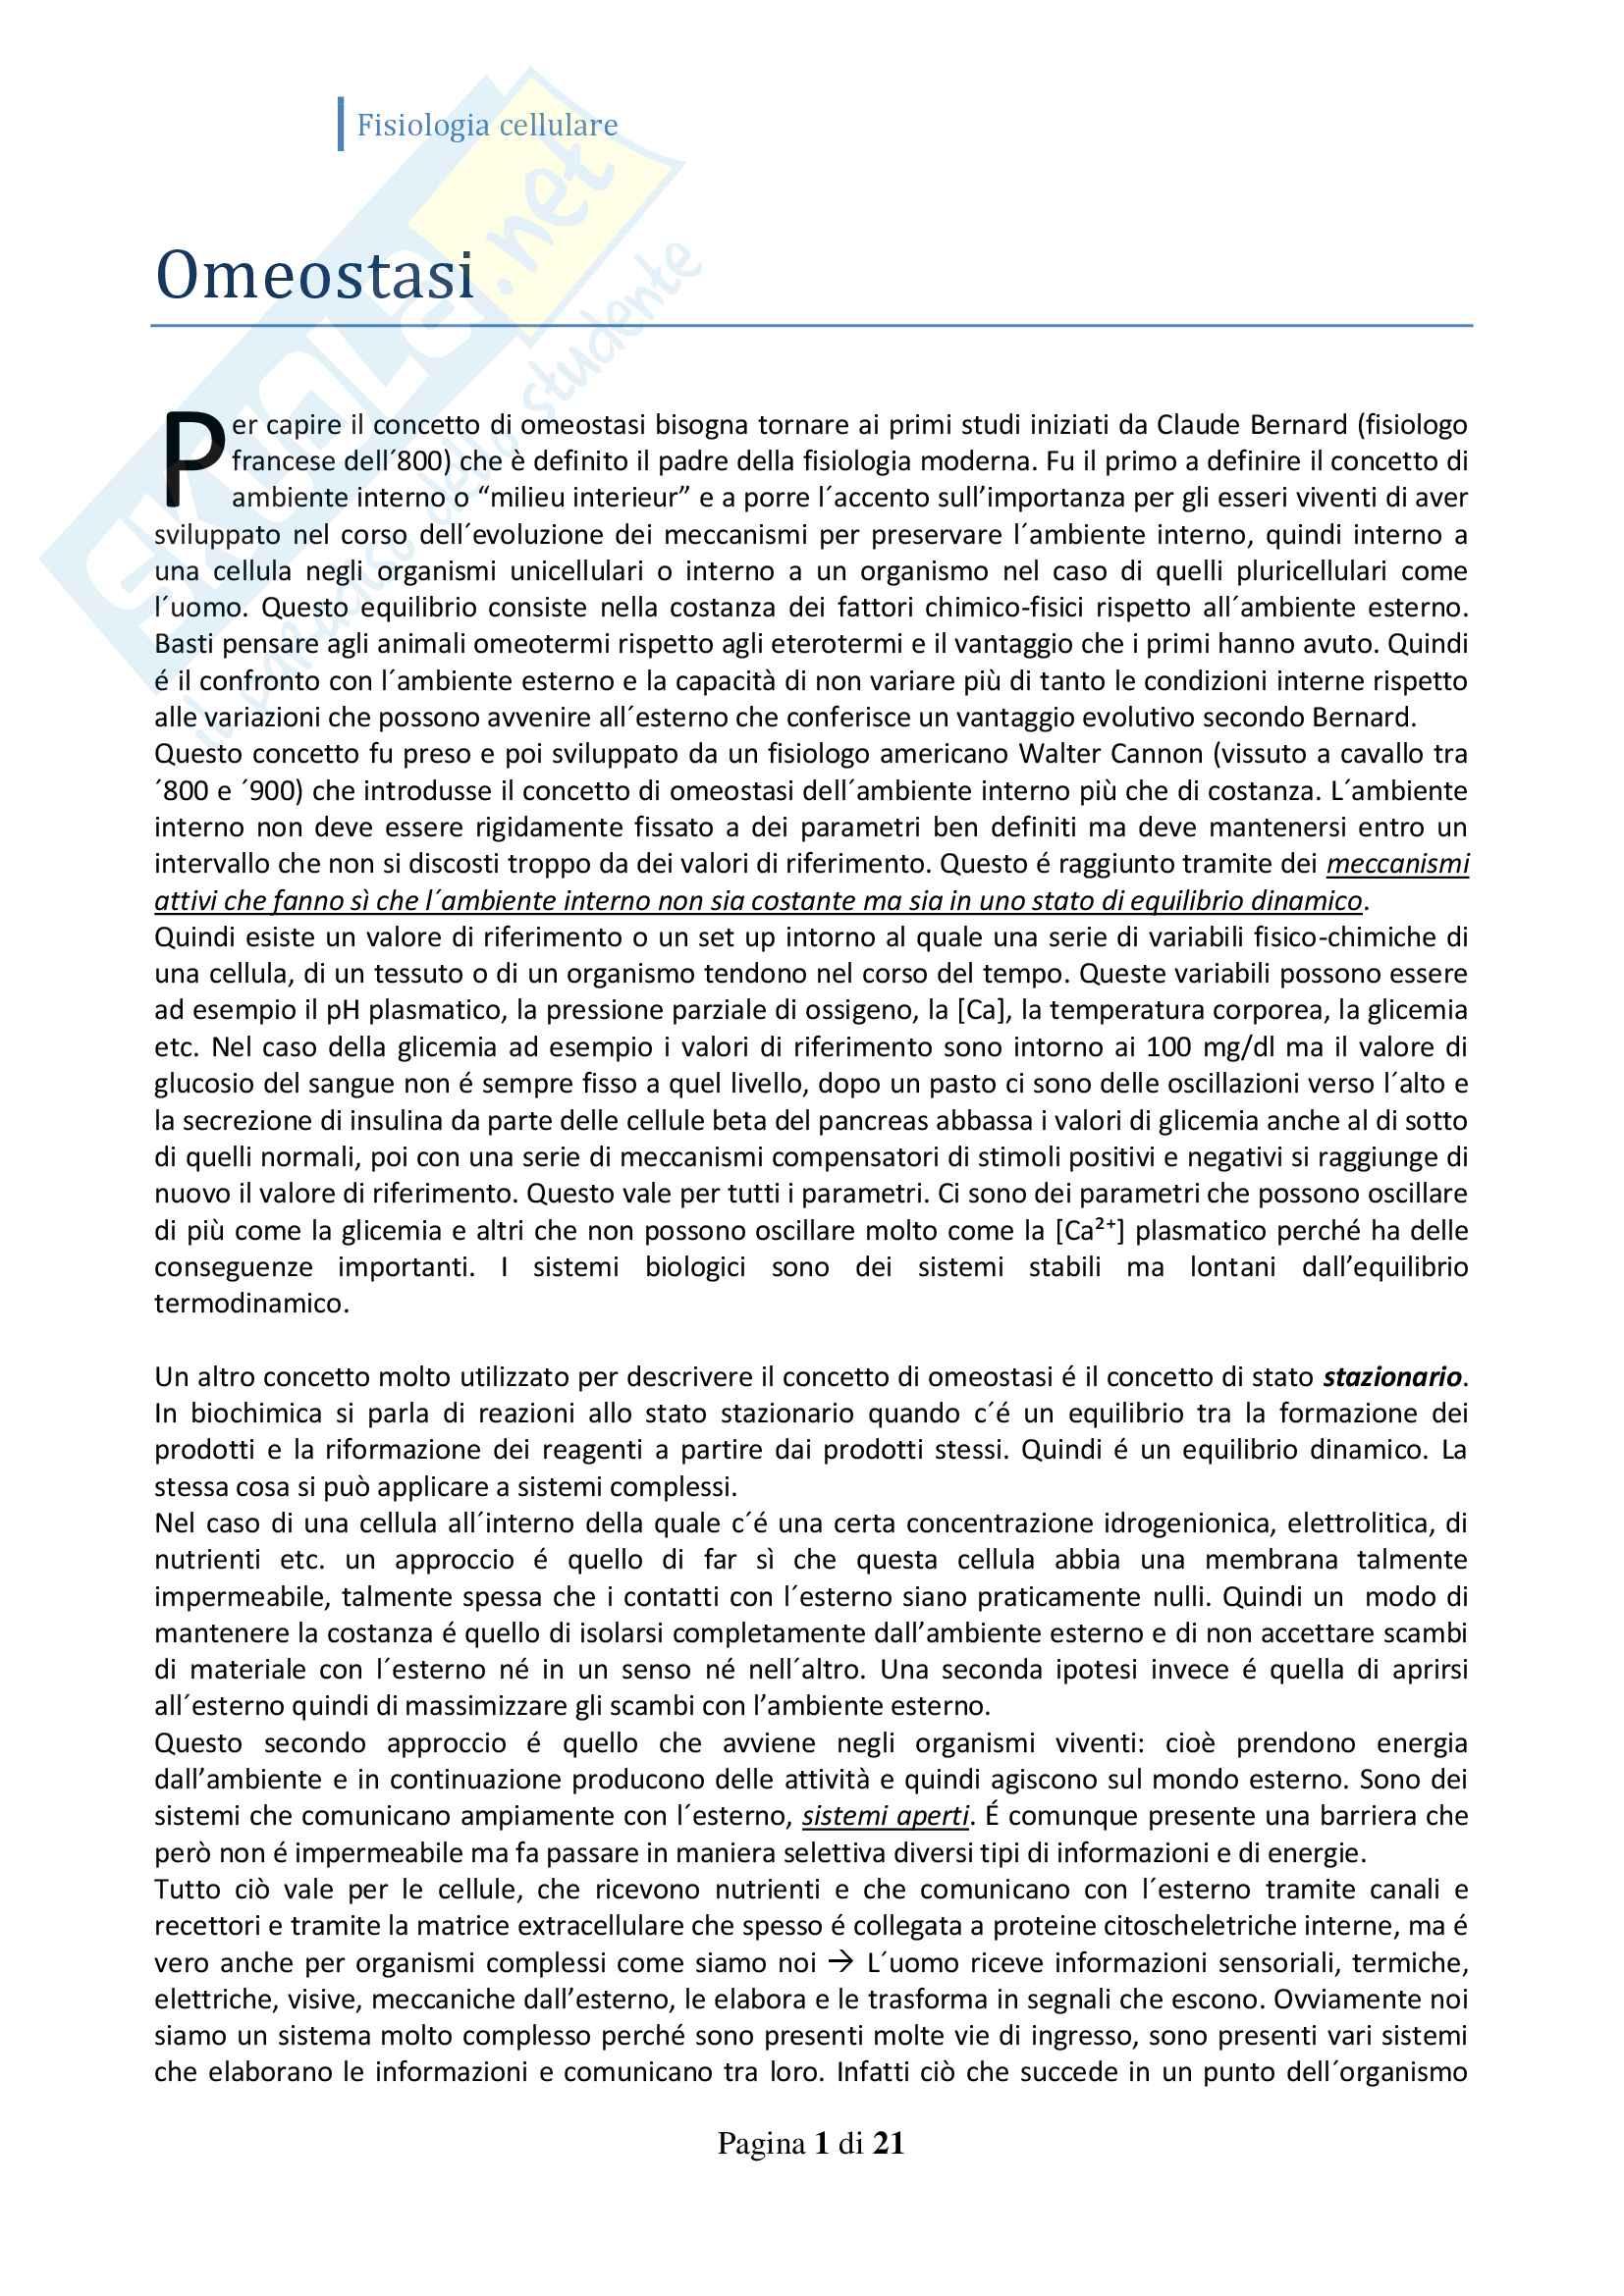 Fisiologia cellulare (omeostasi, trasduzione segnale, canali ionici, recettori)